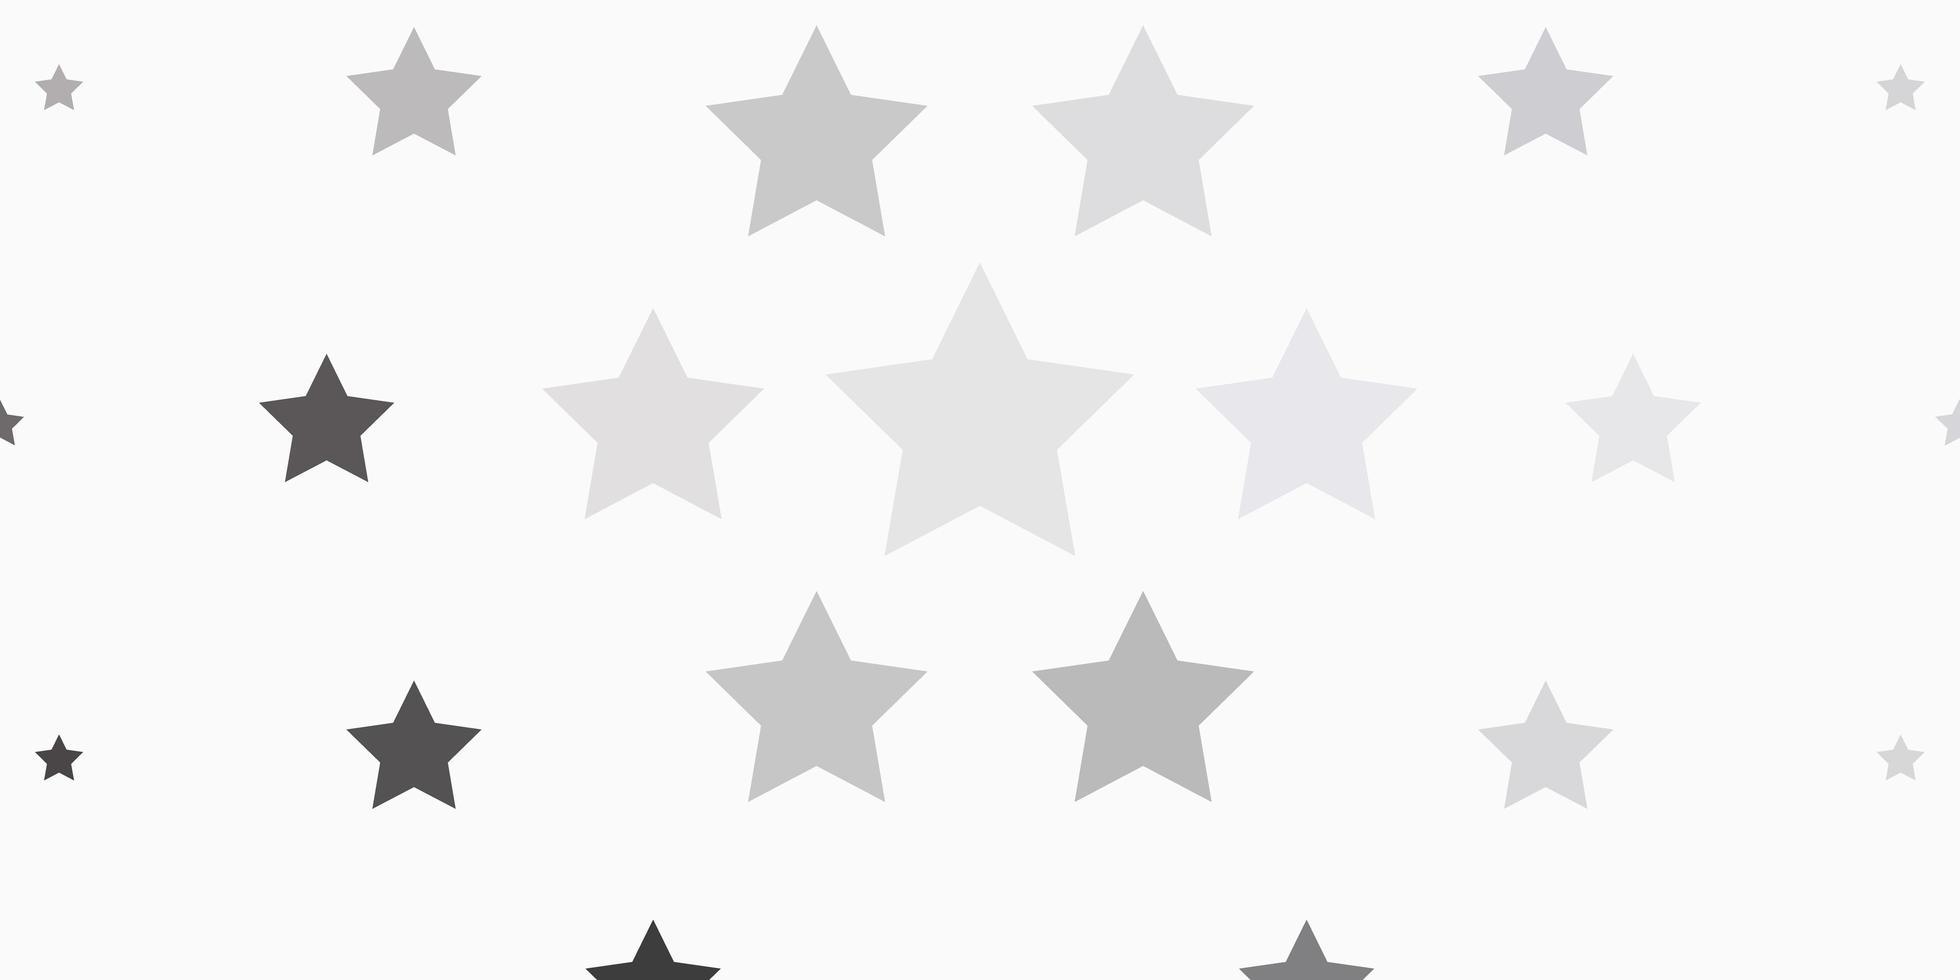 ljusgrå vektorbakgrund med färgglada stjärnor. vektor